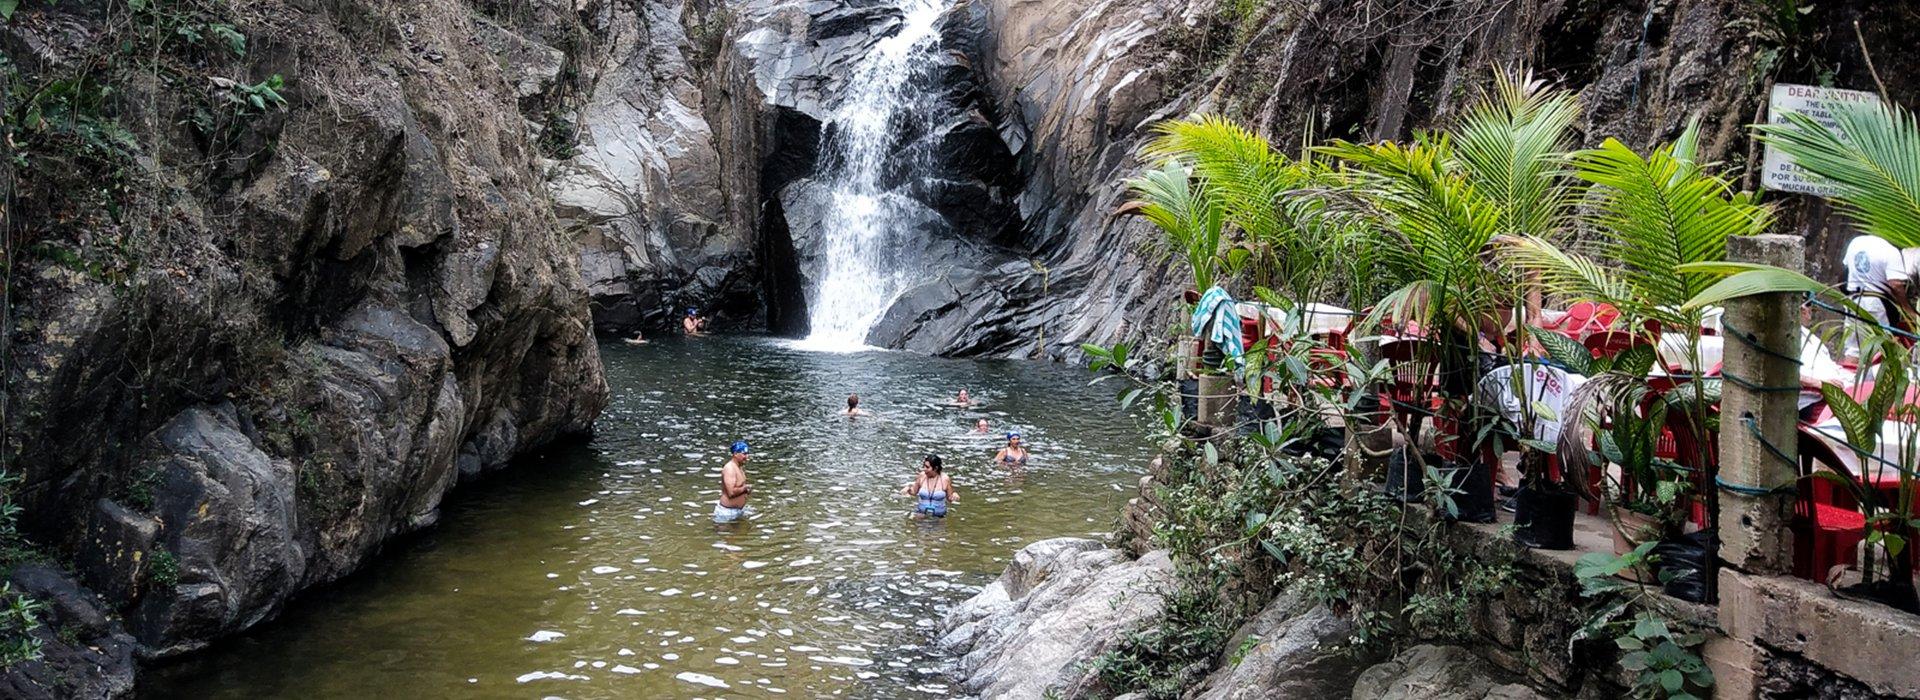 Quimixto waterfall Mexico2 1